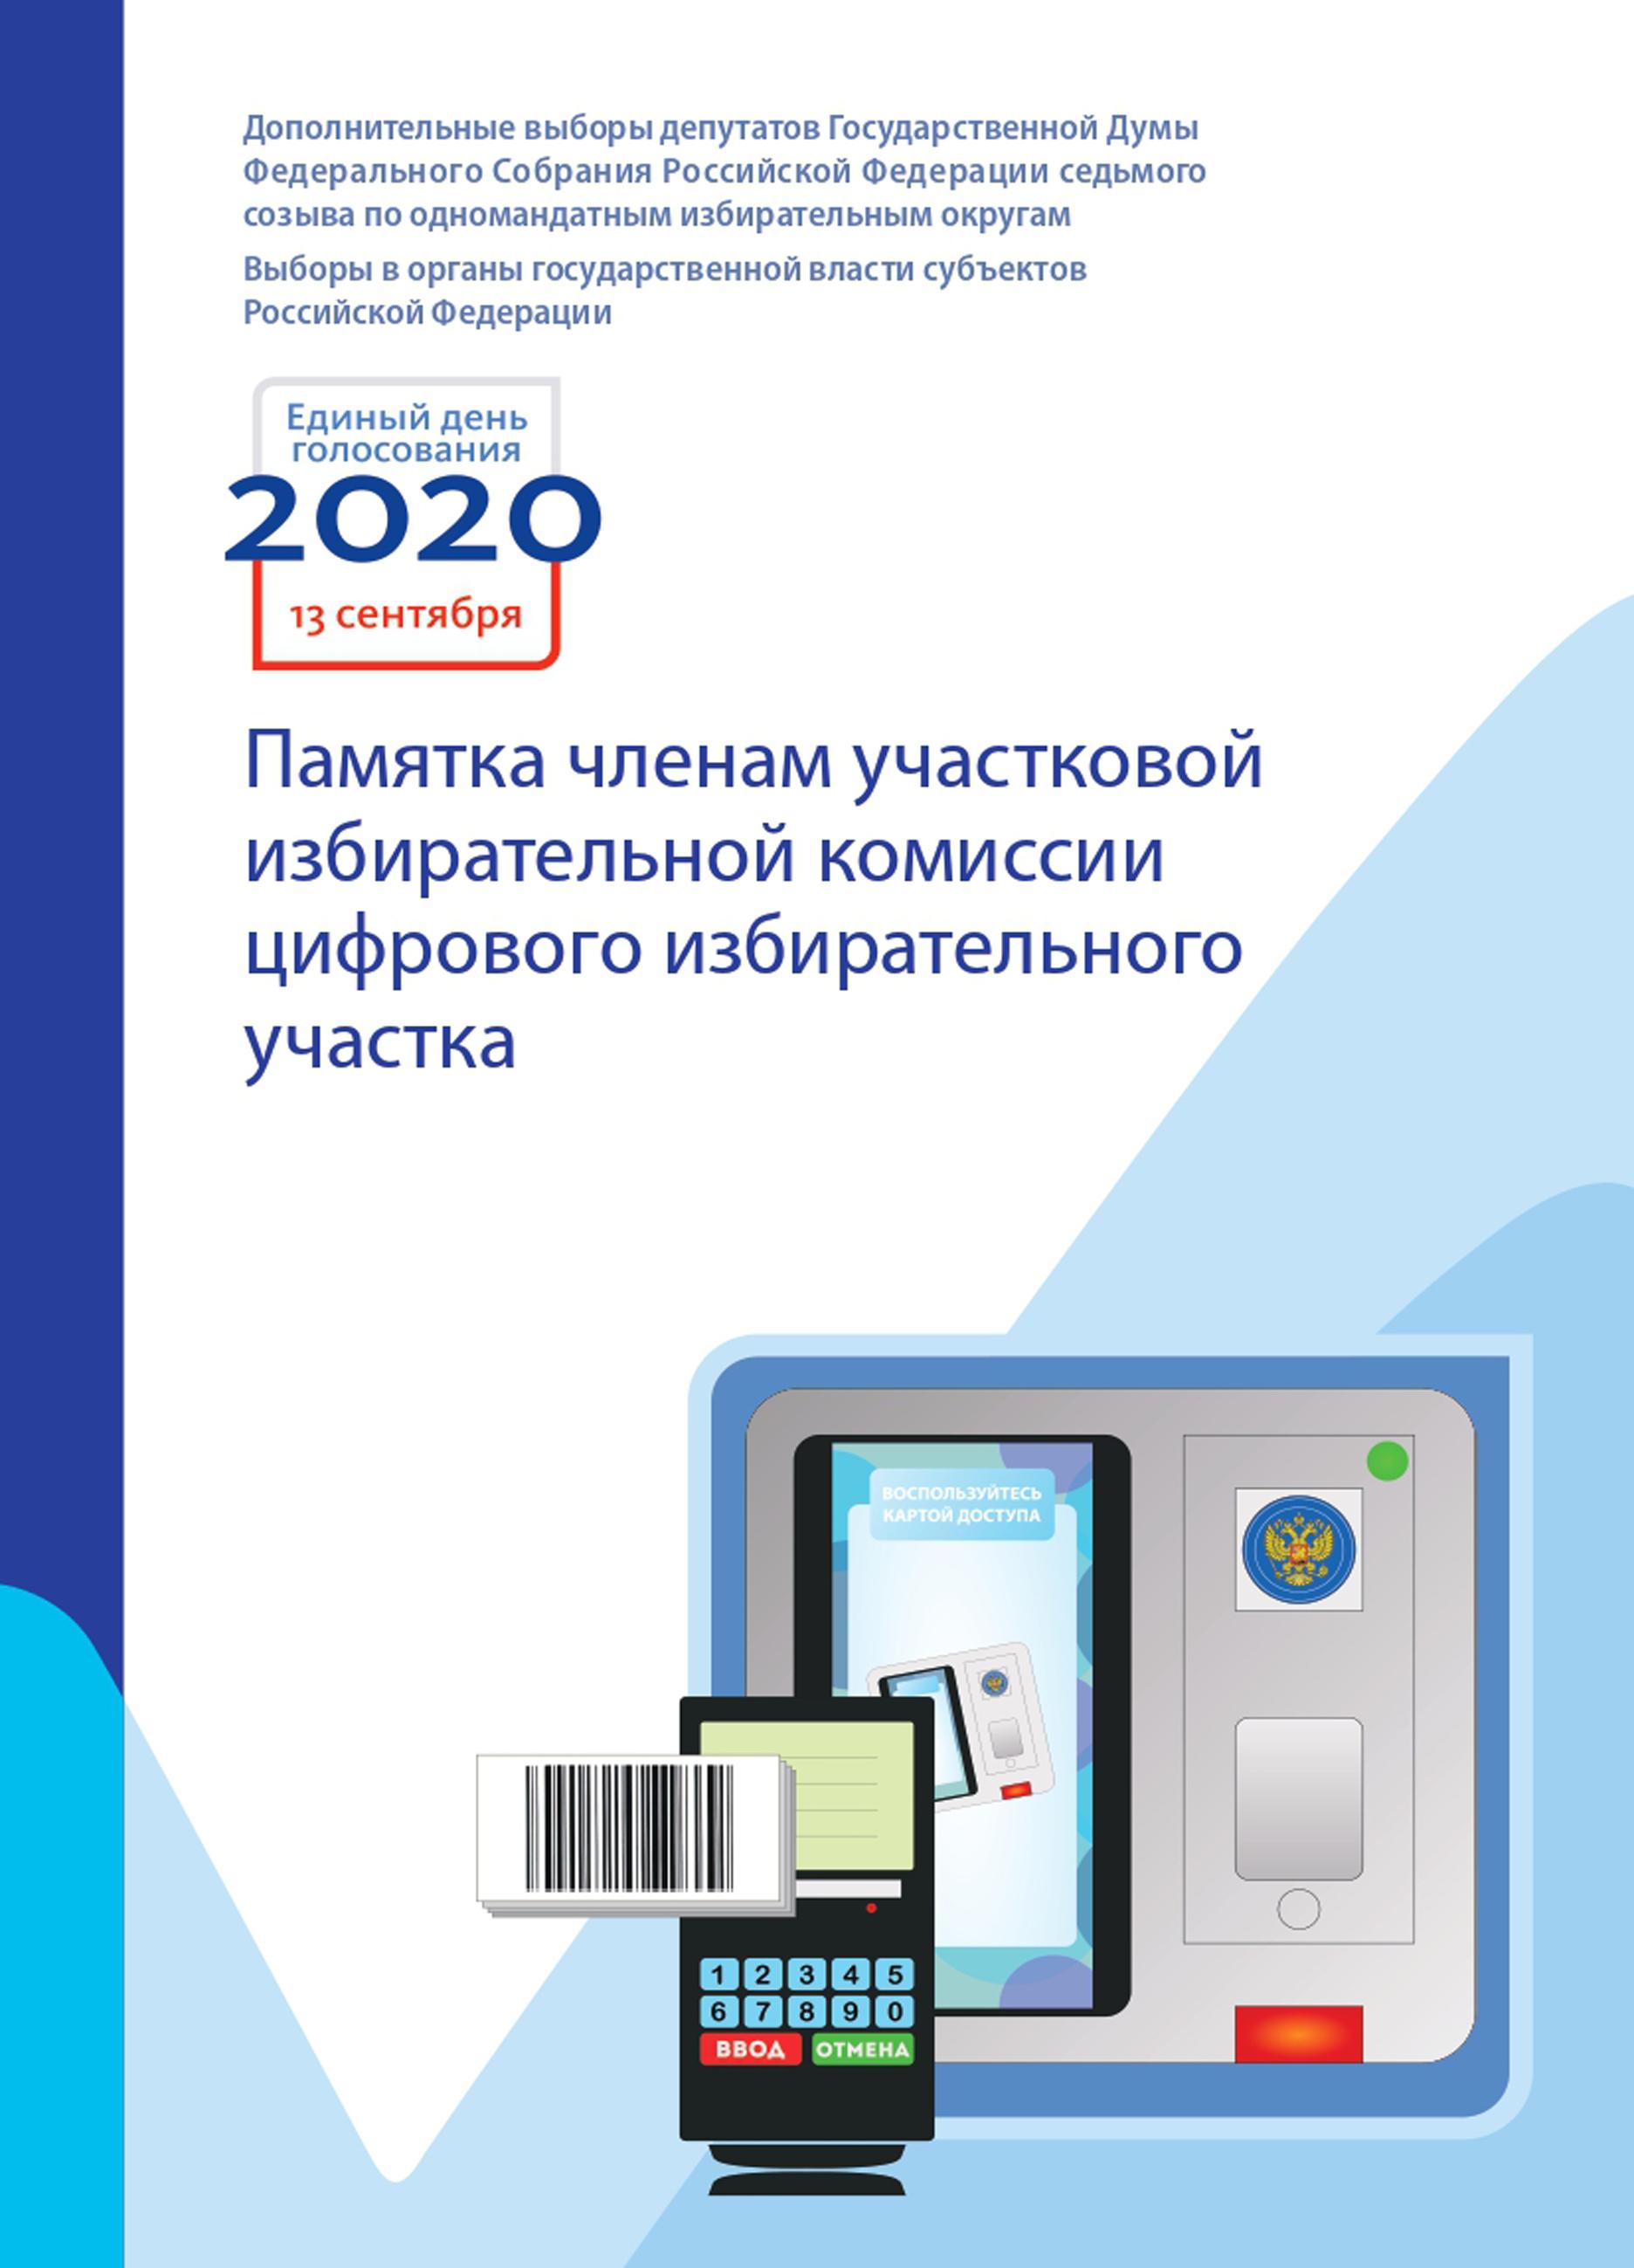 Памятка членам УИК цифрового избирательного участка